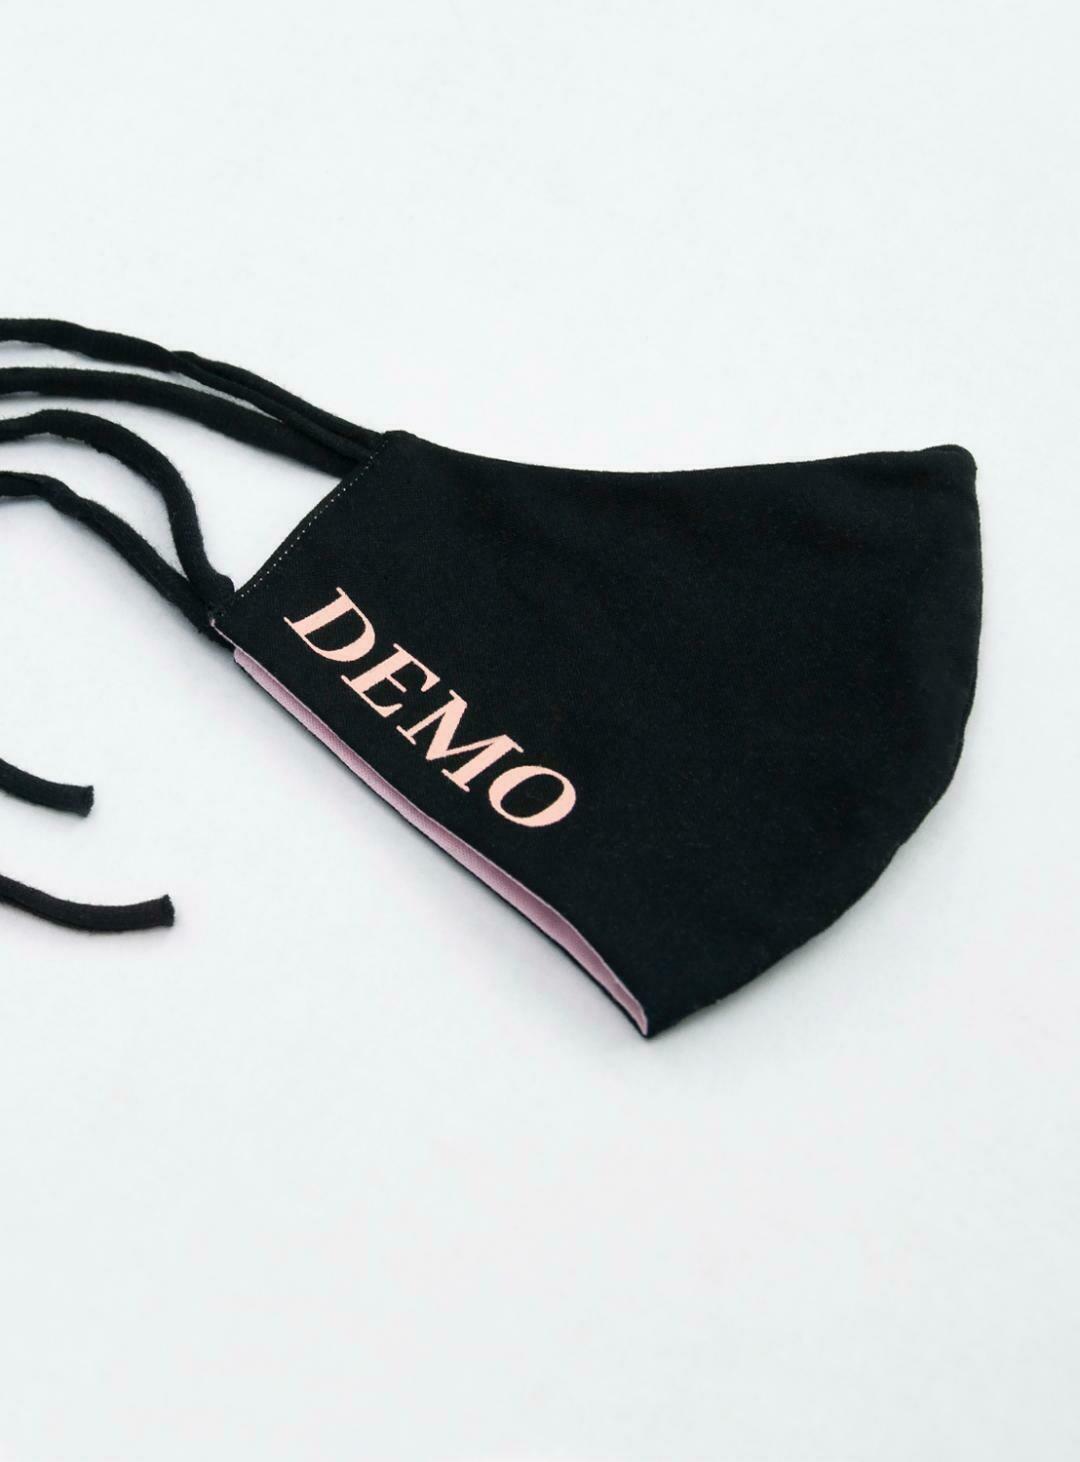 DEMO Mundschutz // schwarz // rosa Schrift // beidseitig bedruckt